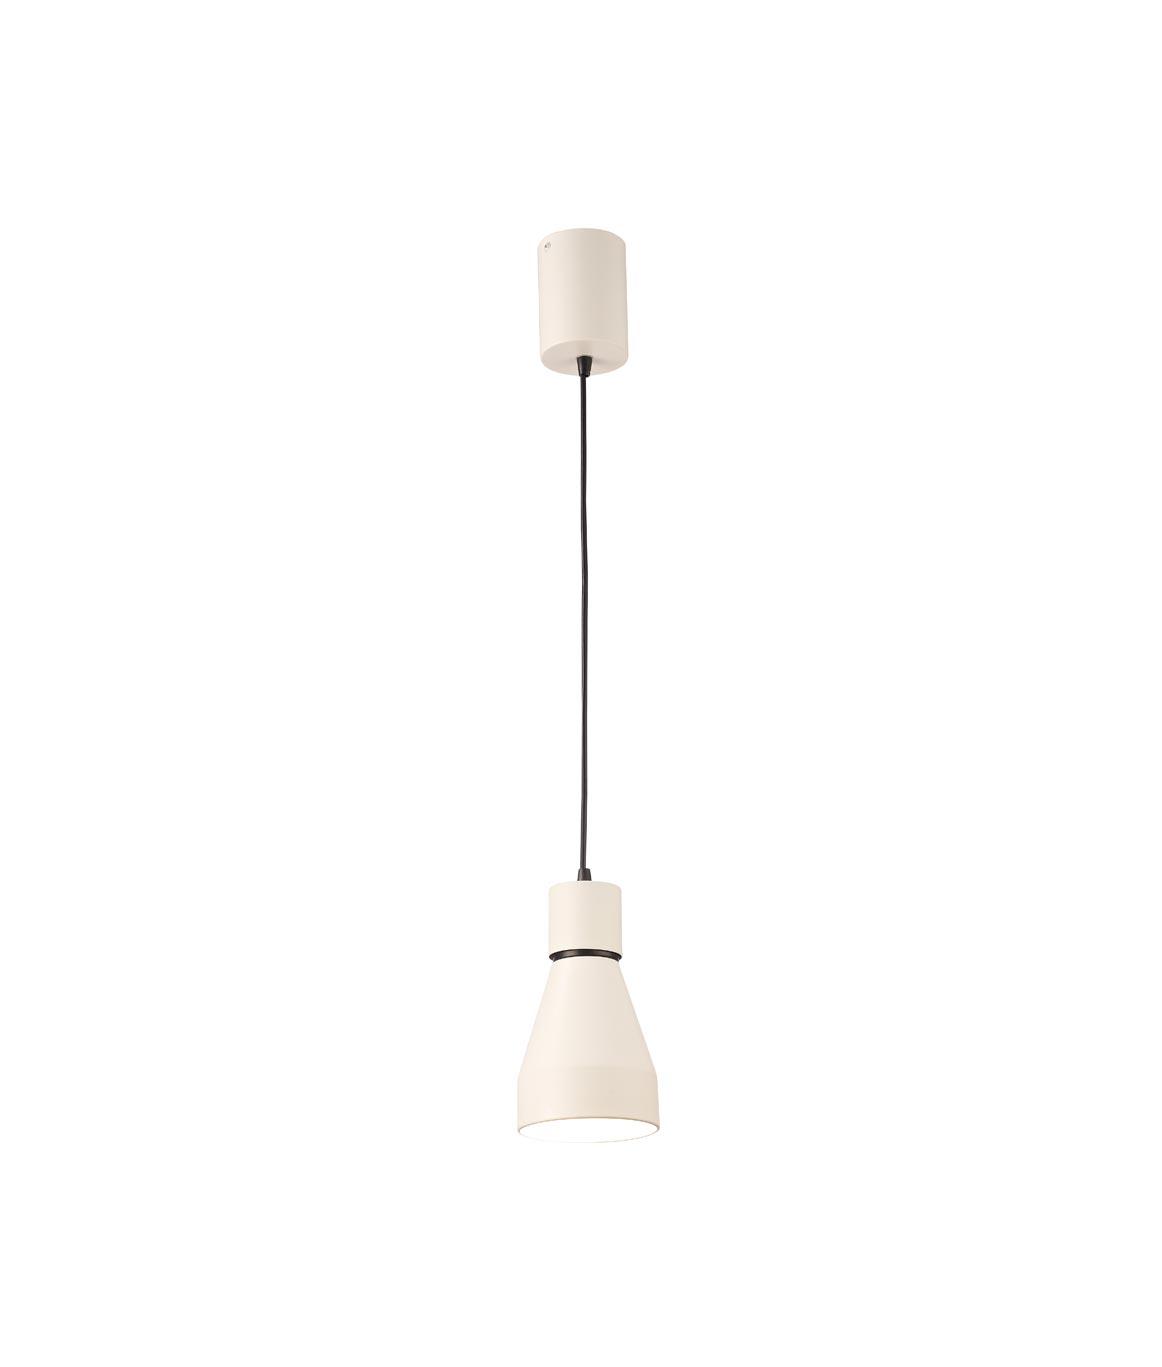 Lámpara de techo pequeña KOS blanco